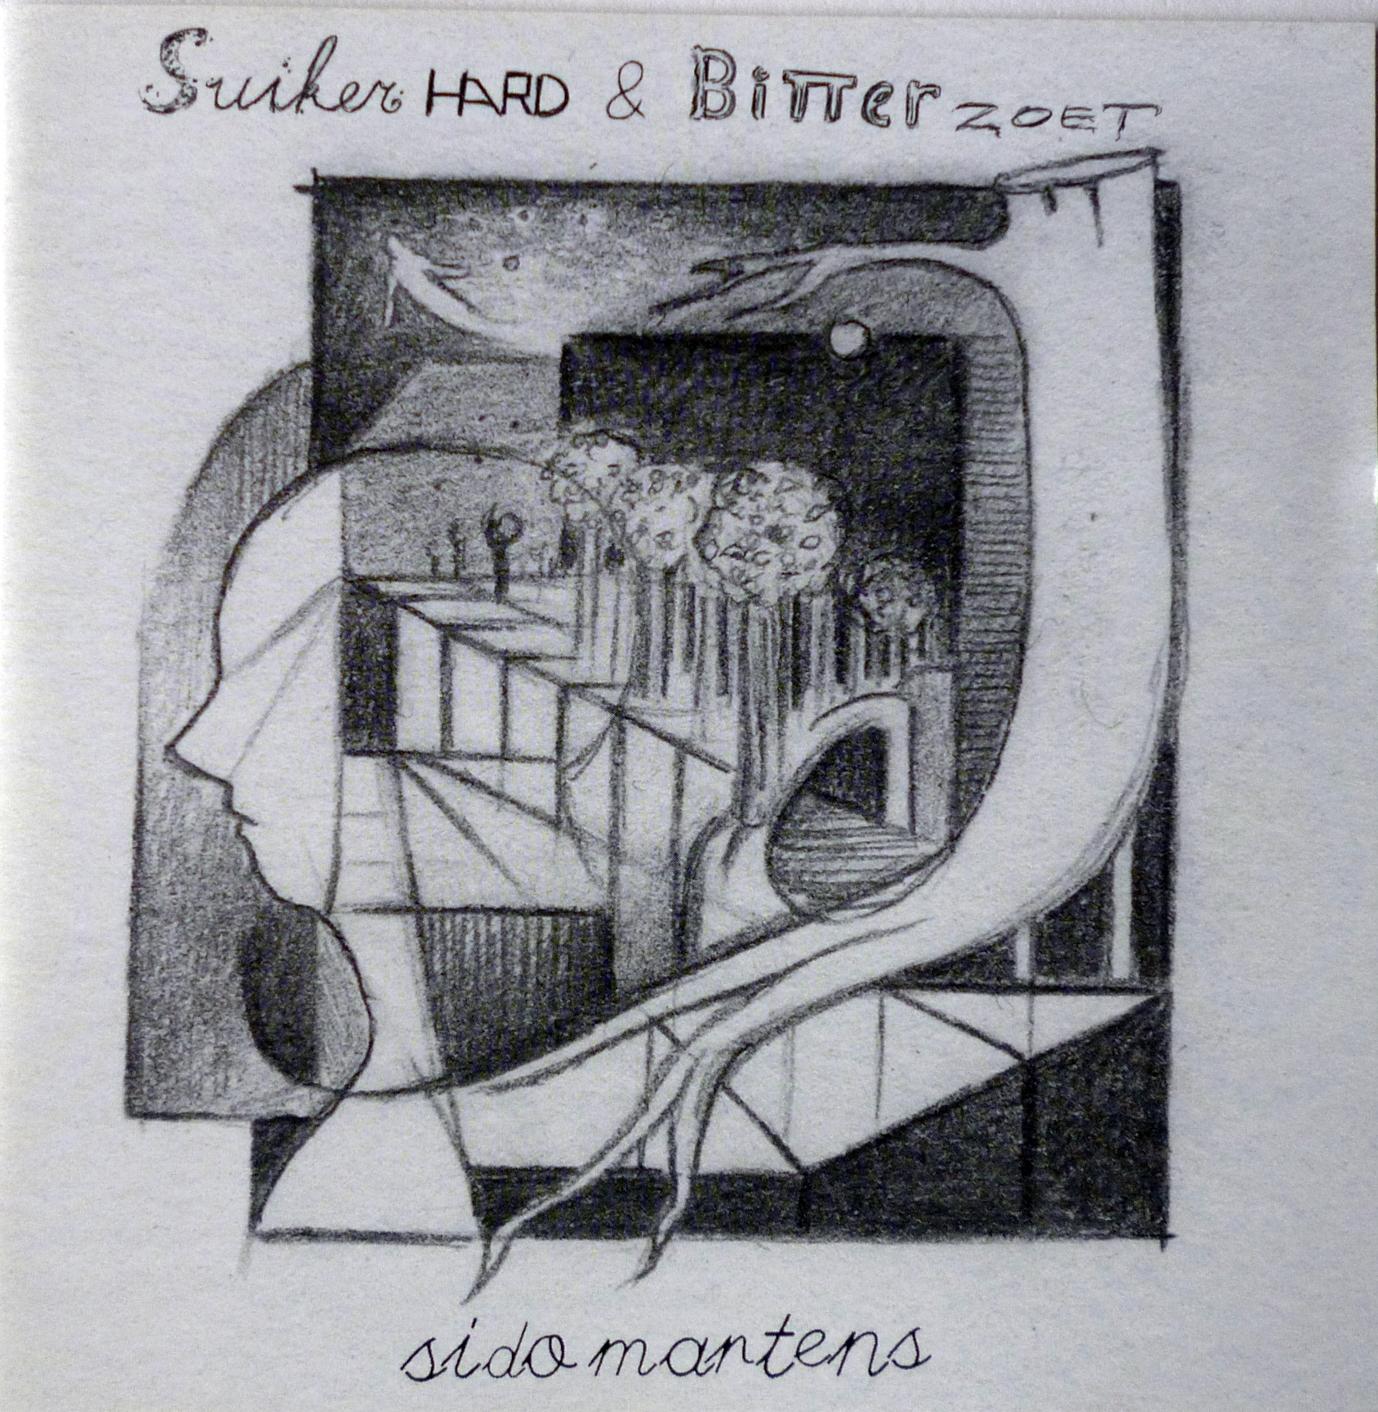 24 suikerhard & bitterzoet 2012